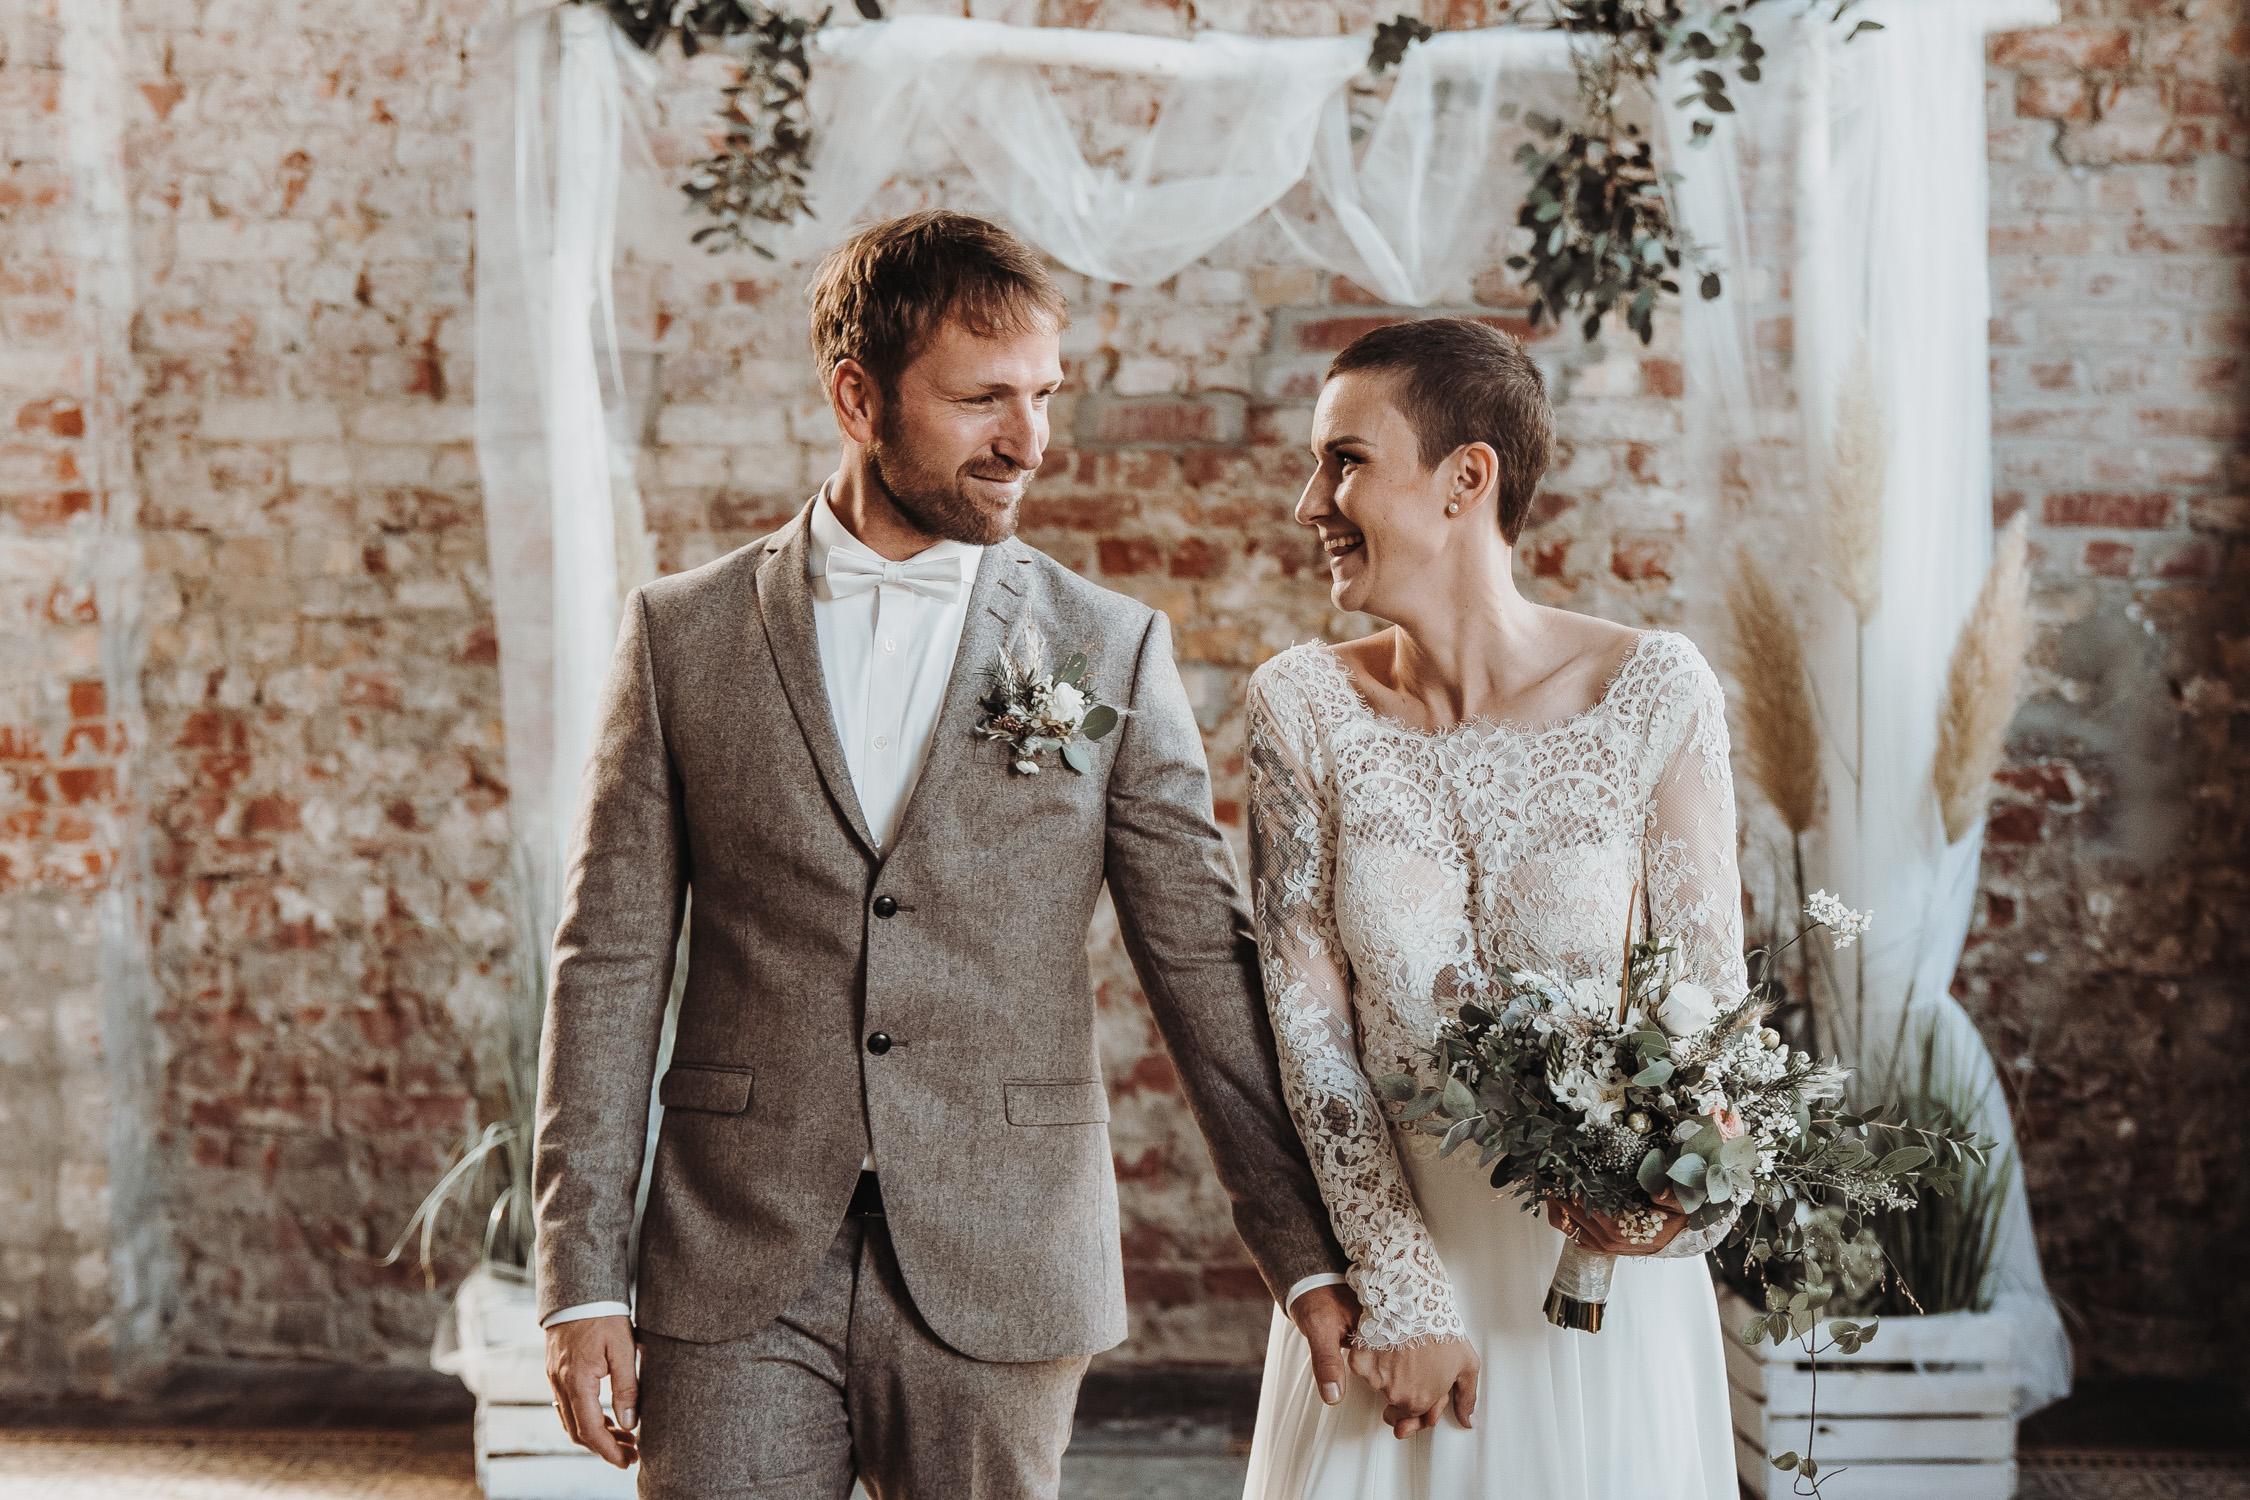 Hochzeitsfotos-Vintage-Fotoideen-02